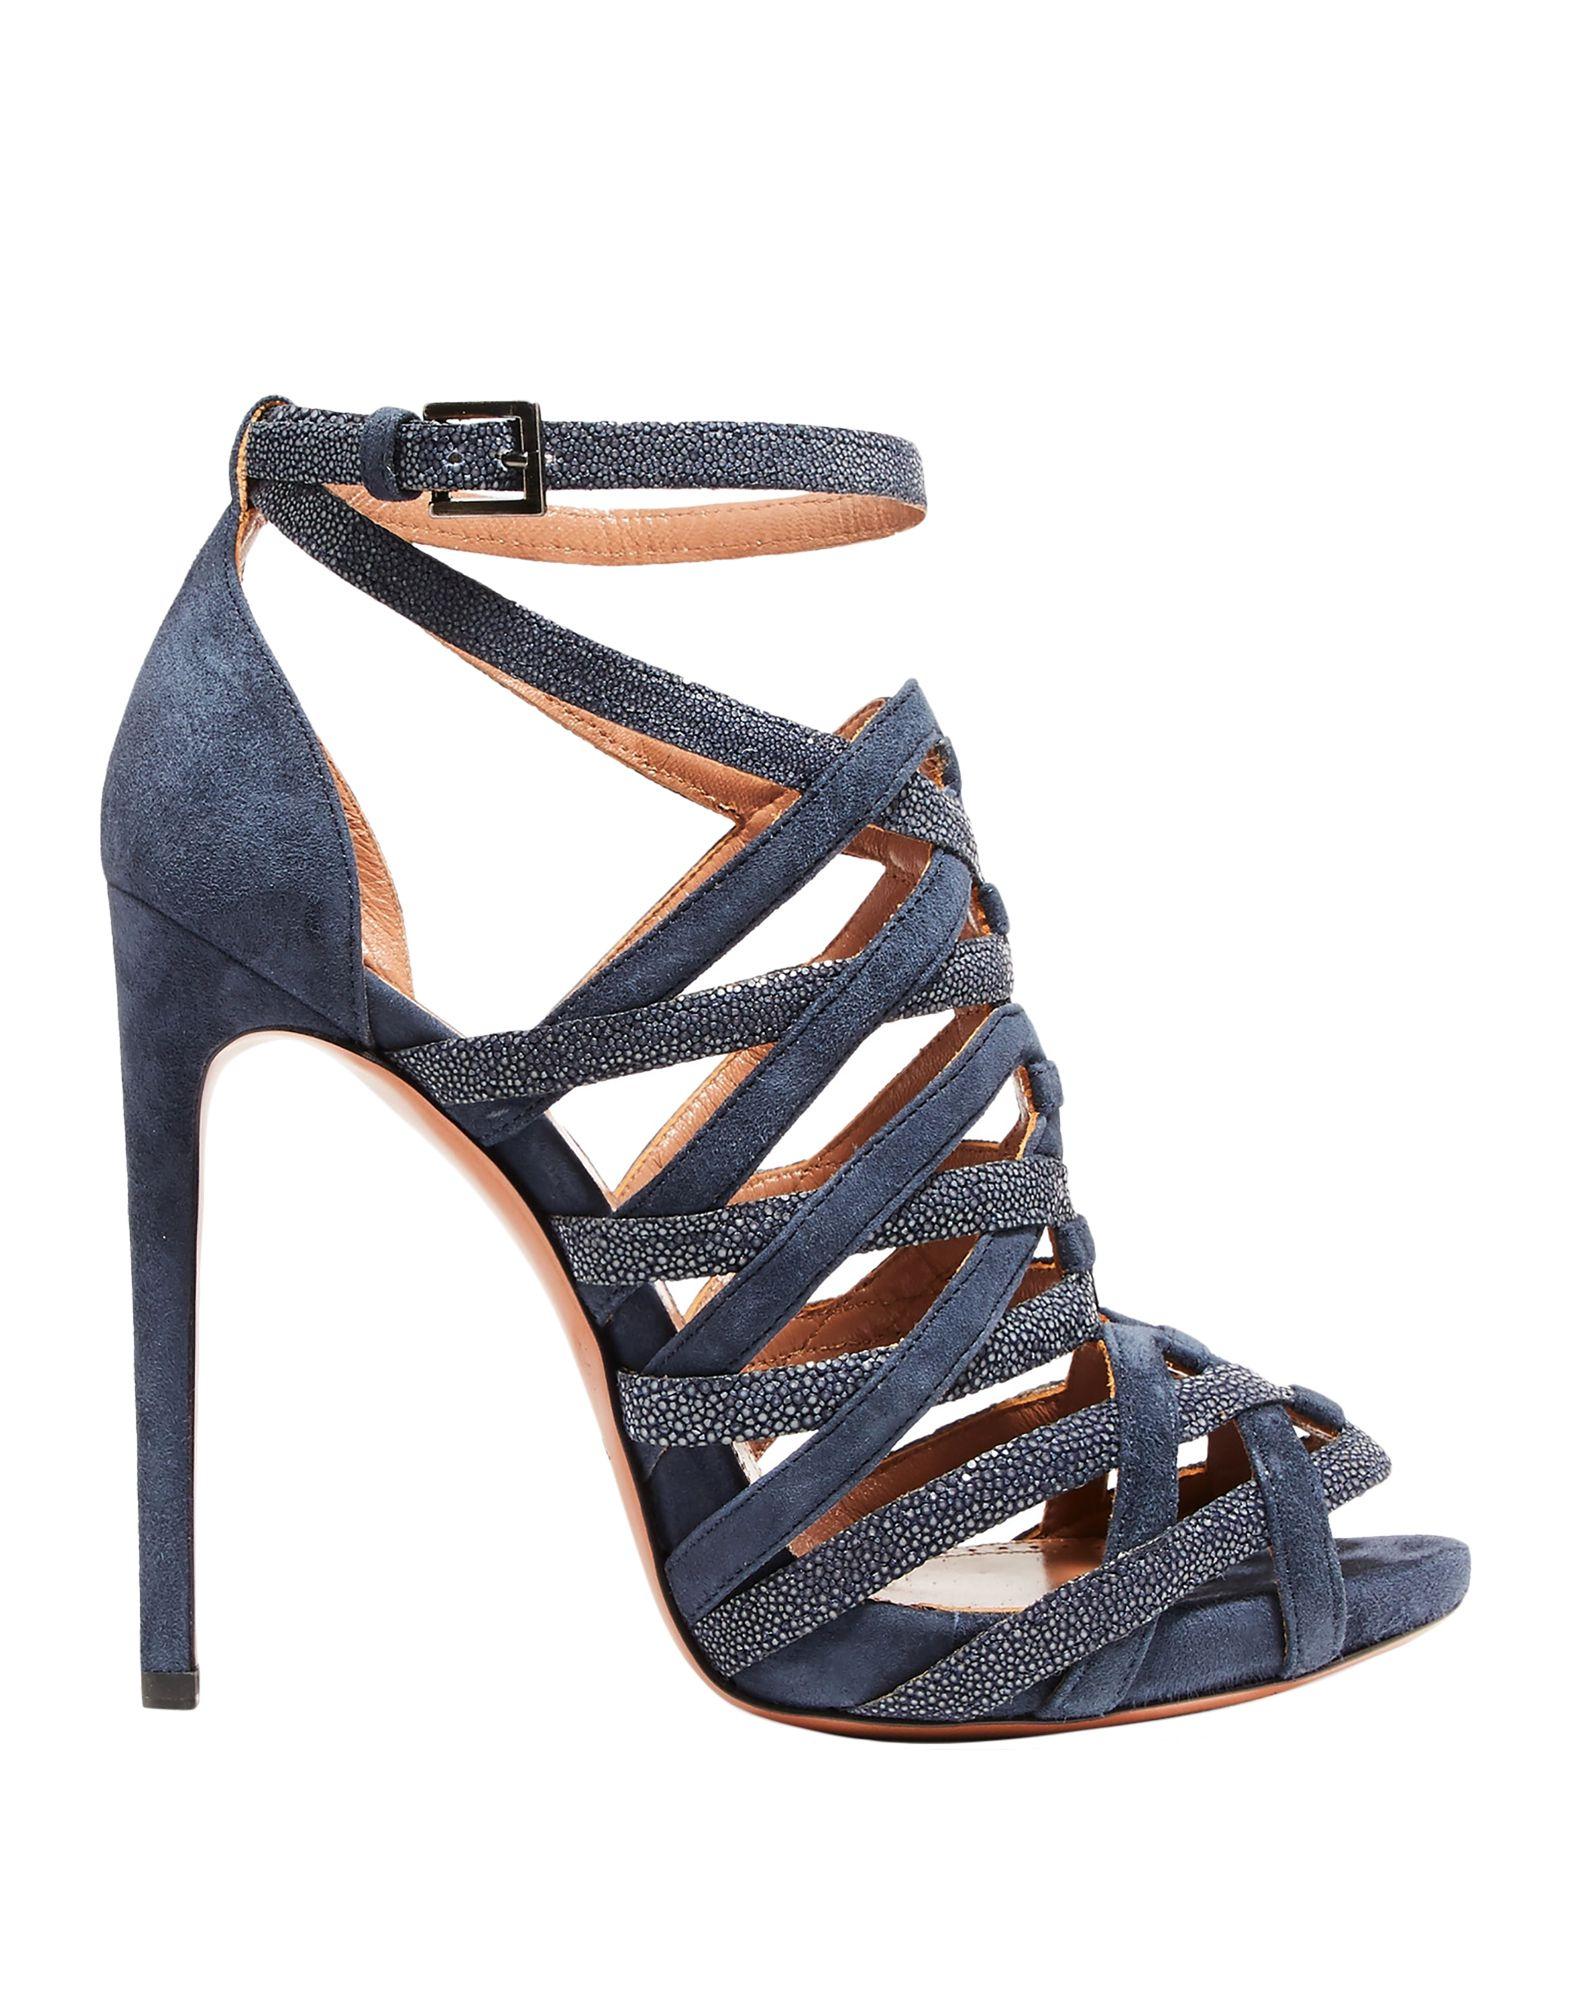 Alaïa Sandals - Women  Alaïa Sandals online on  Women United Kingdom - 44730145UL 1f68a1